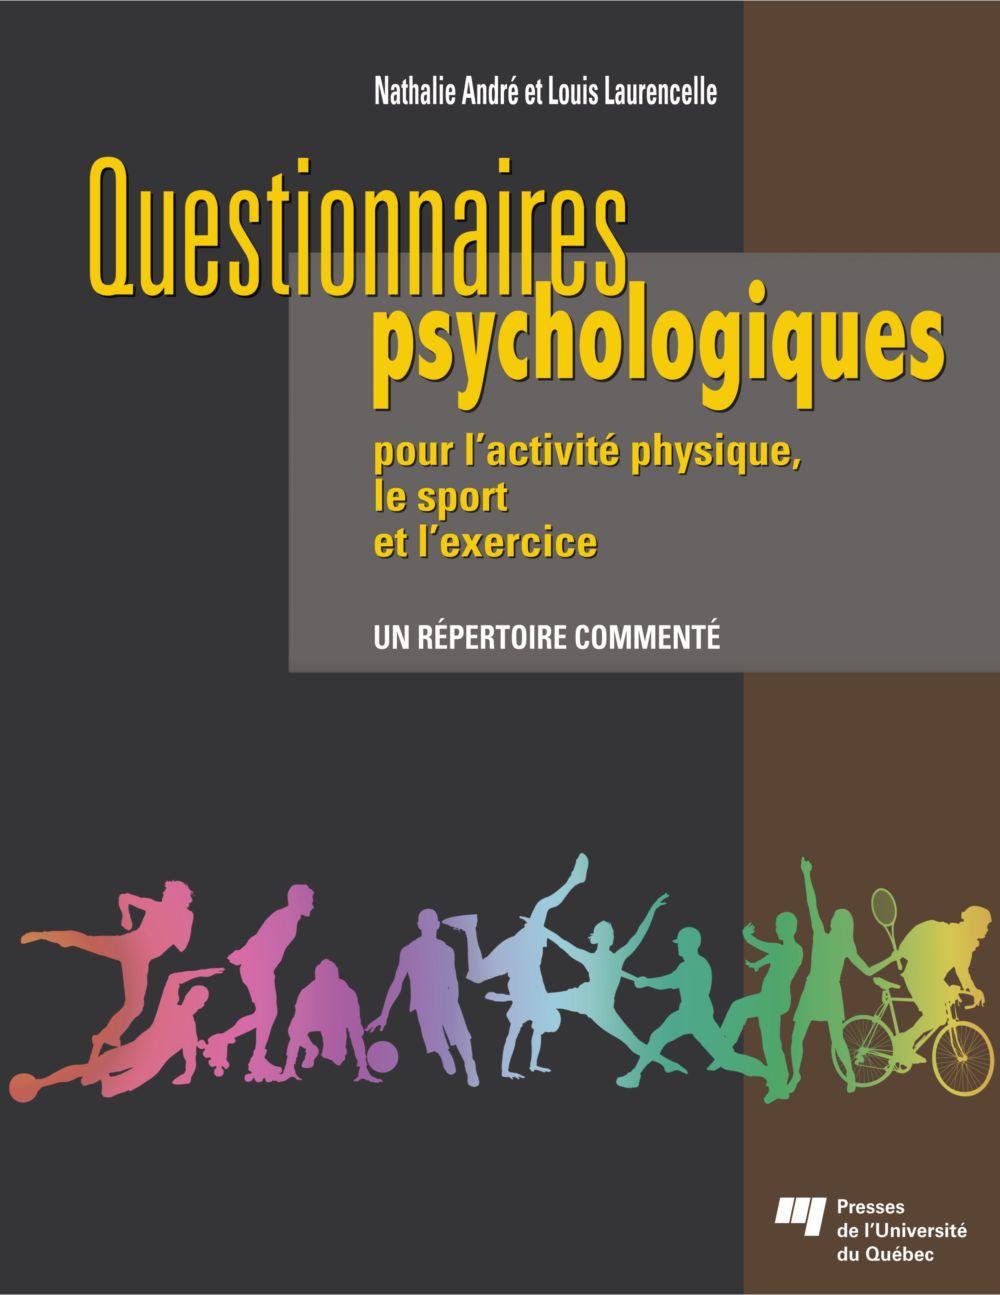 Questionnaires psychologiques pour l'activité physique, le sport et l'exercice